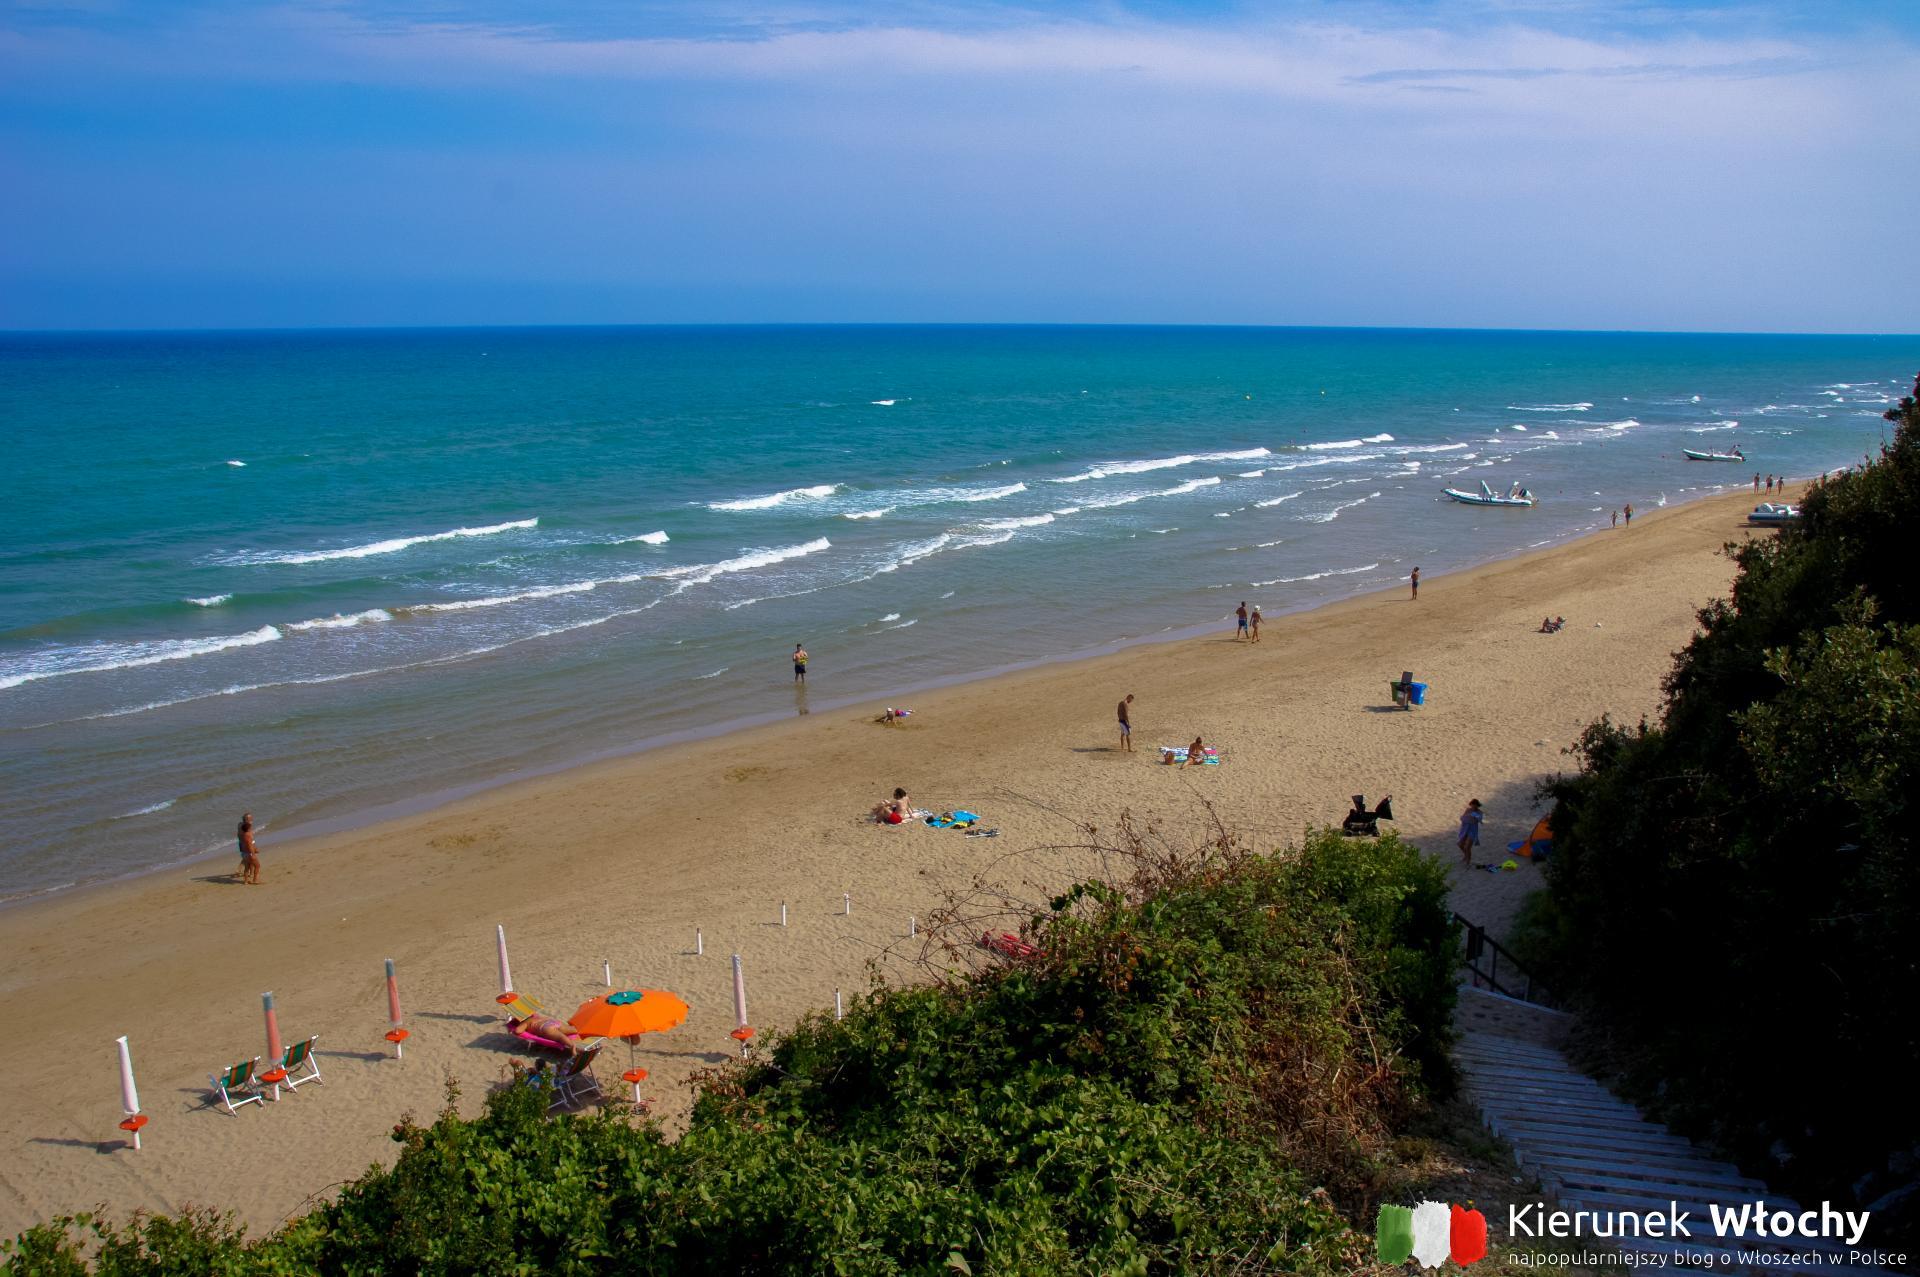 plaża Vignanotica, Gargano, Włochy (fot. Ł. Ropczyński, kierunekwlochy.pl)